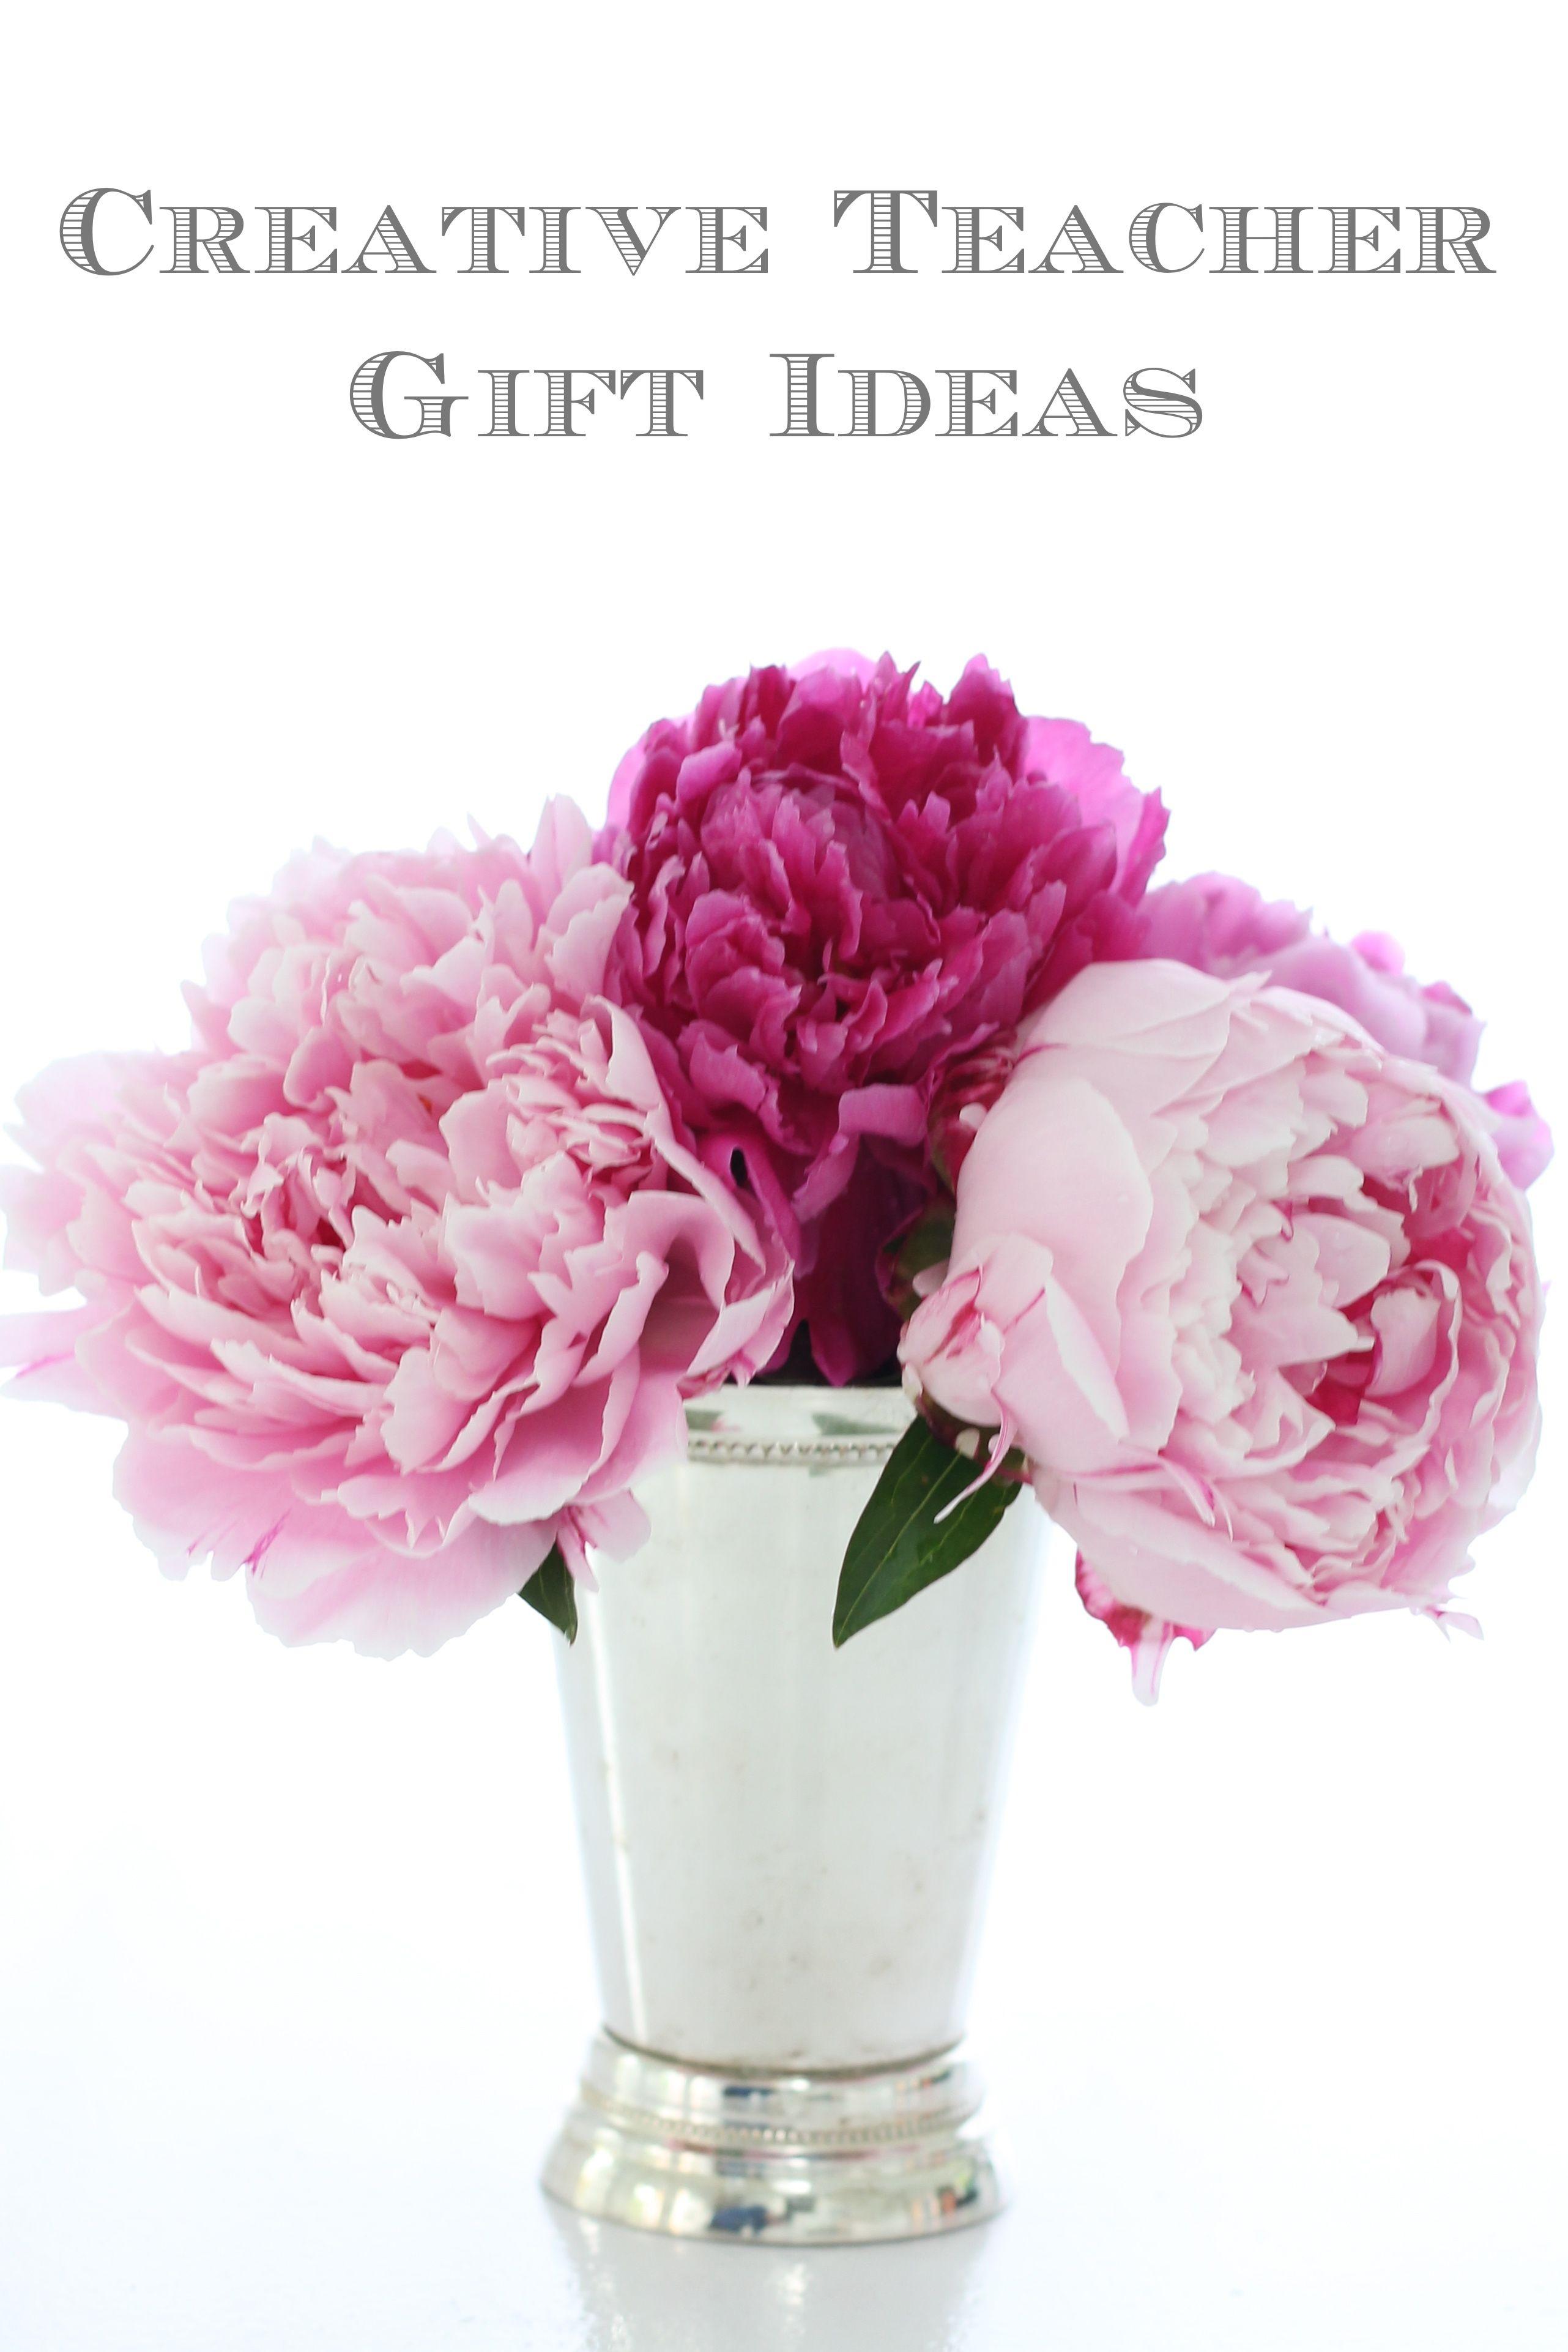 creative ideas for teacher gifts  www.julieblanner.com